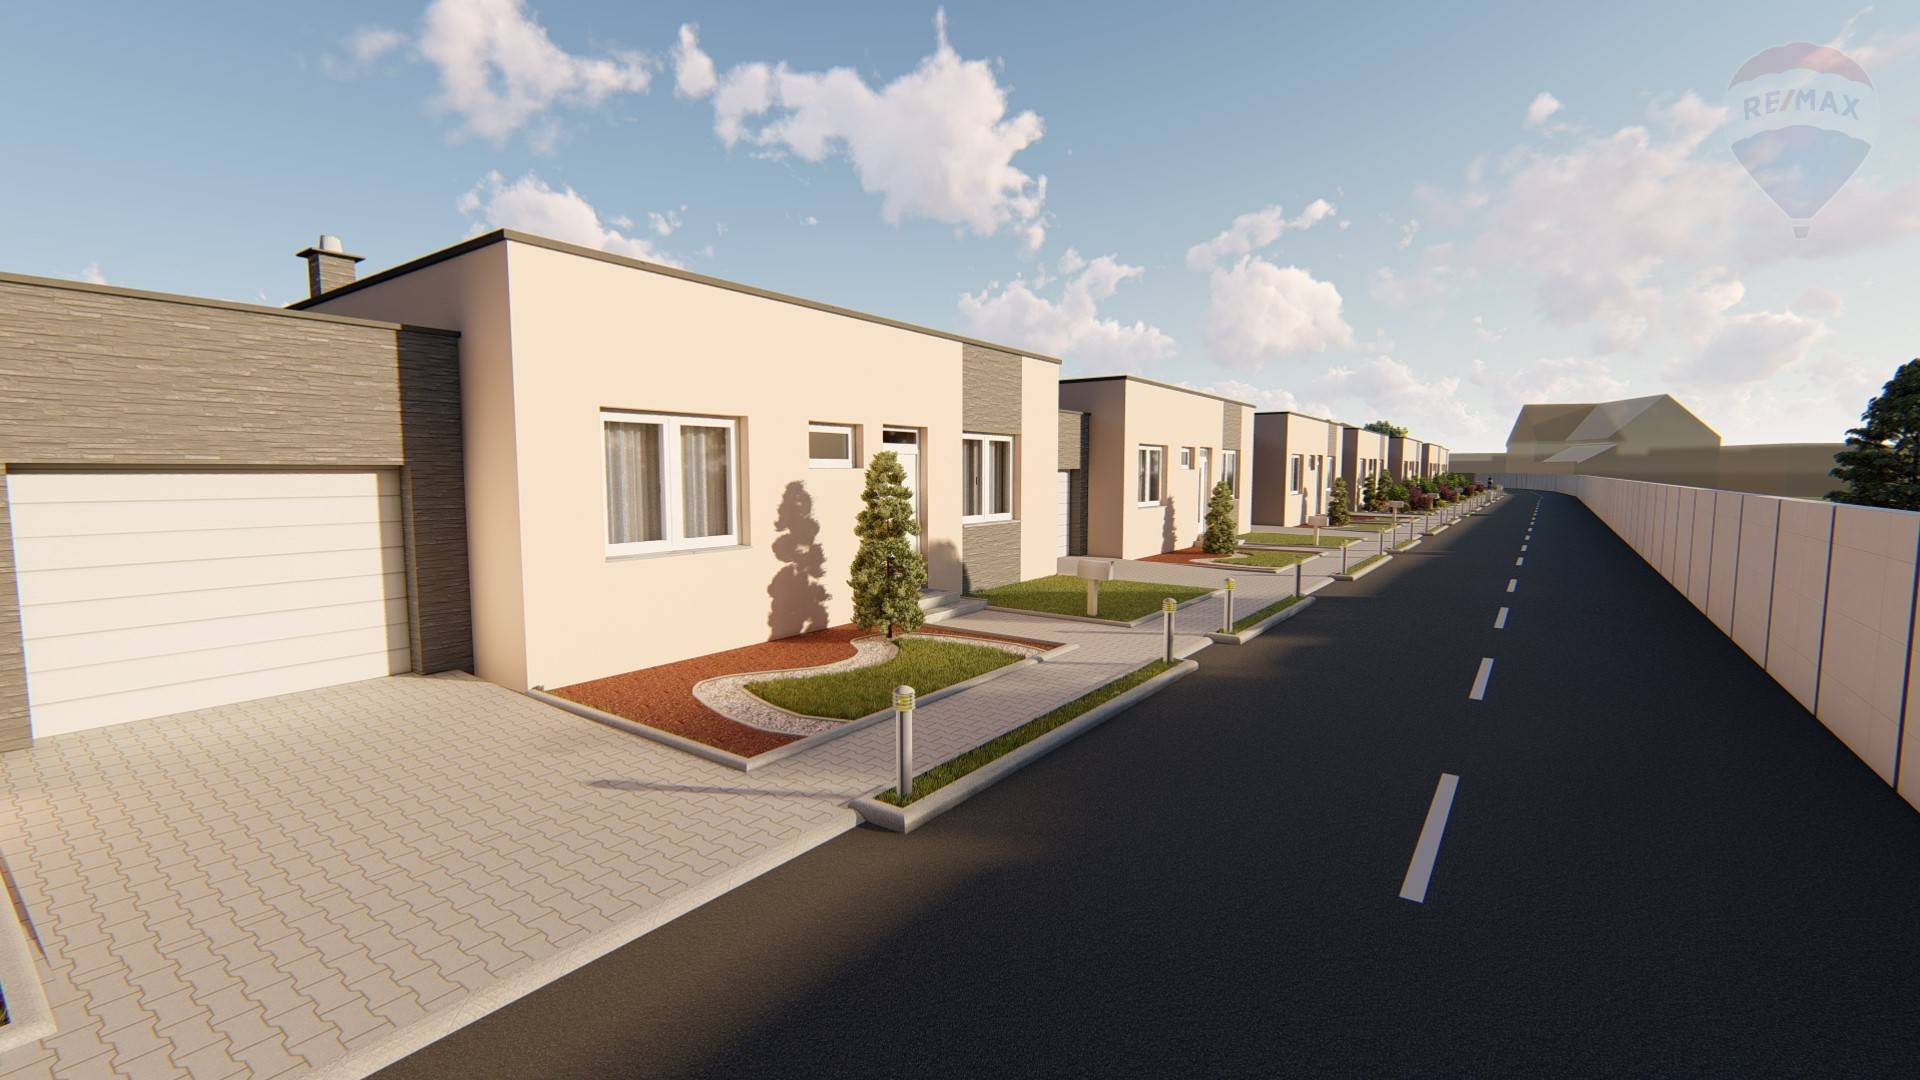 4-izb. rodinné domy na Predmestí v Skalici